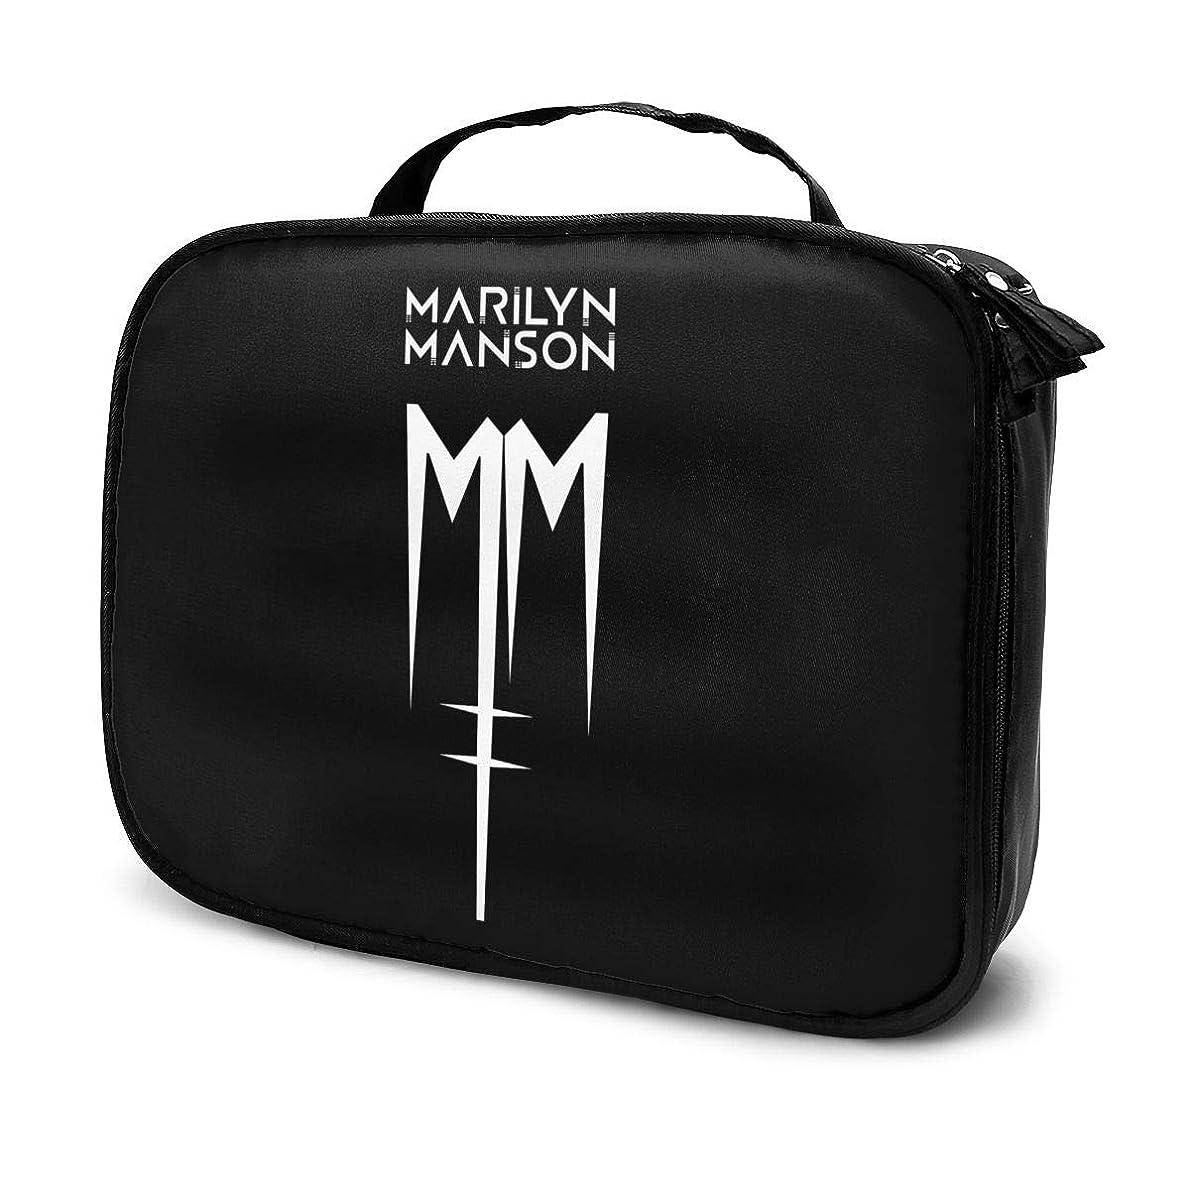 追加する葉を拾う投資するメイクボックス プロ用 Marilyn Manson マリリンマンソン ロゴ メイクポーチ 化粧ポーチ コスメケース トイレタリーバッグ トラベルポーチ 旅行外出 携帯用 防水設計 高級感 小物収納 バッグインバッグ グッズ レディース メンズ